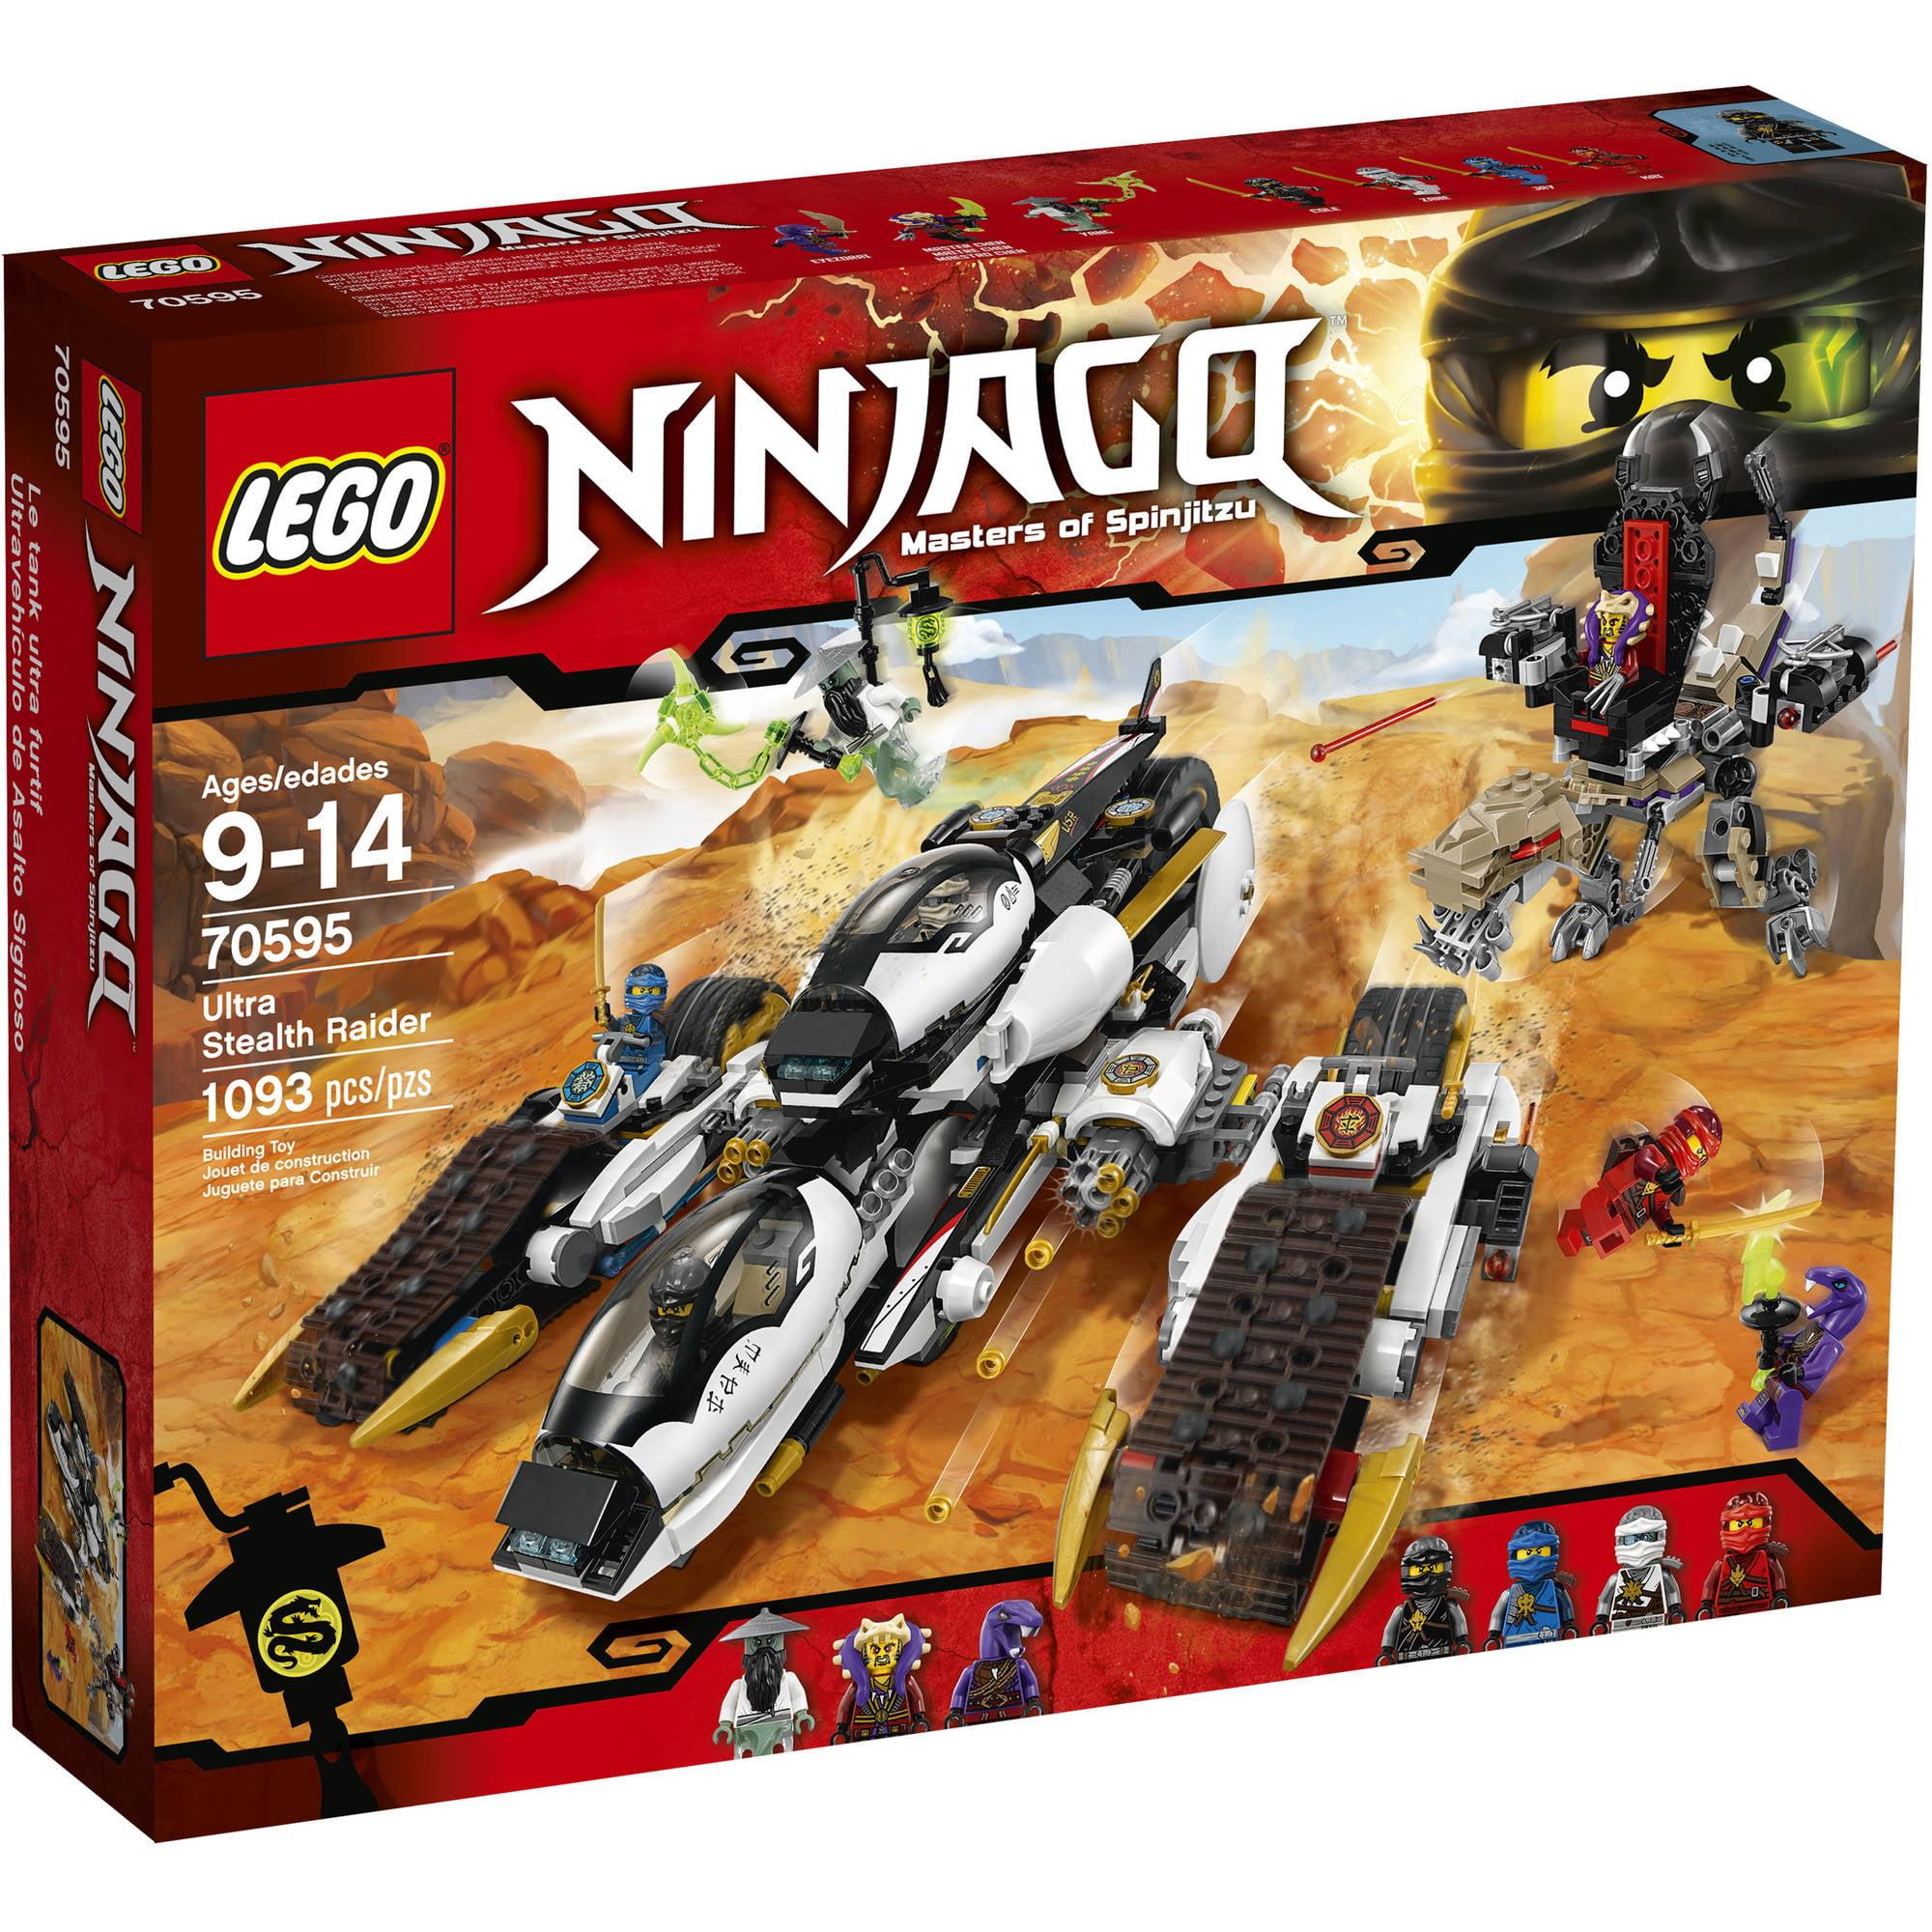 Lego NINJAGO Ultra Stealth Raider, 70595 by LEGO Systems, Inc.